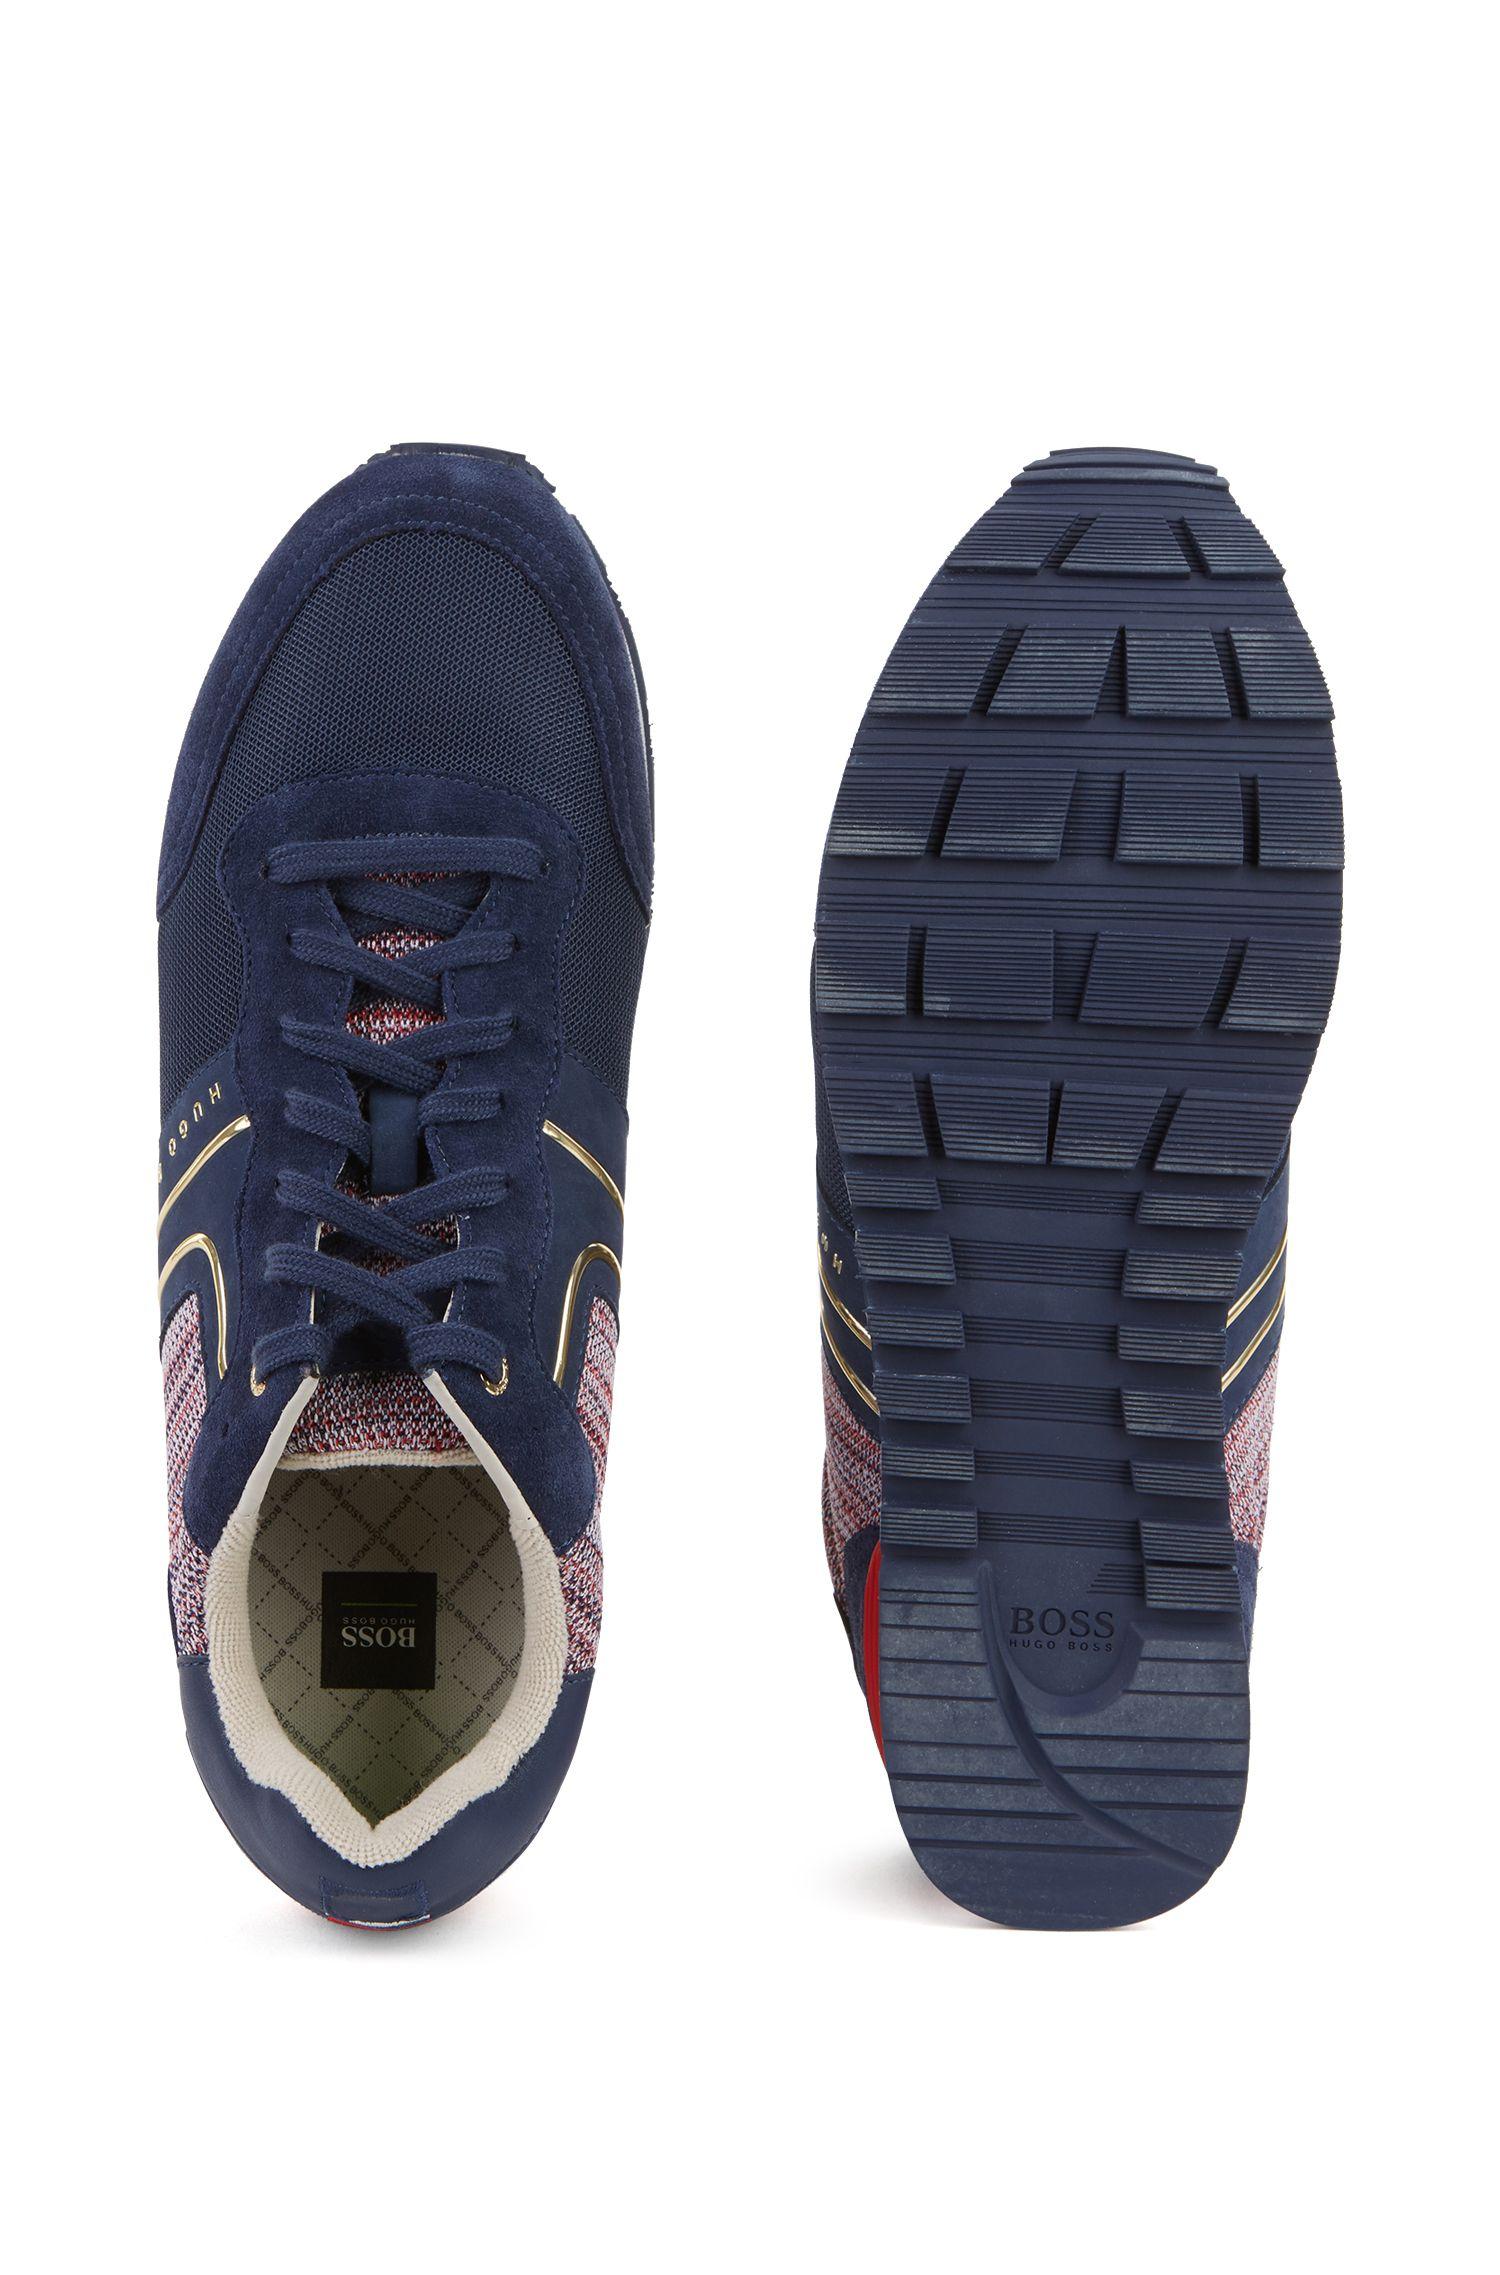 Leichte Sneakers aus Veloursleder, Strick und Mesh in Nationalfarben